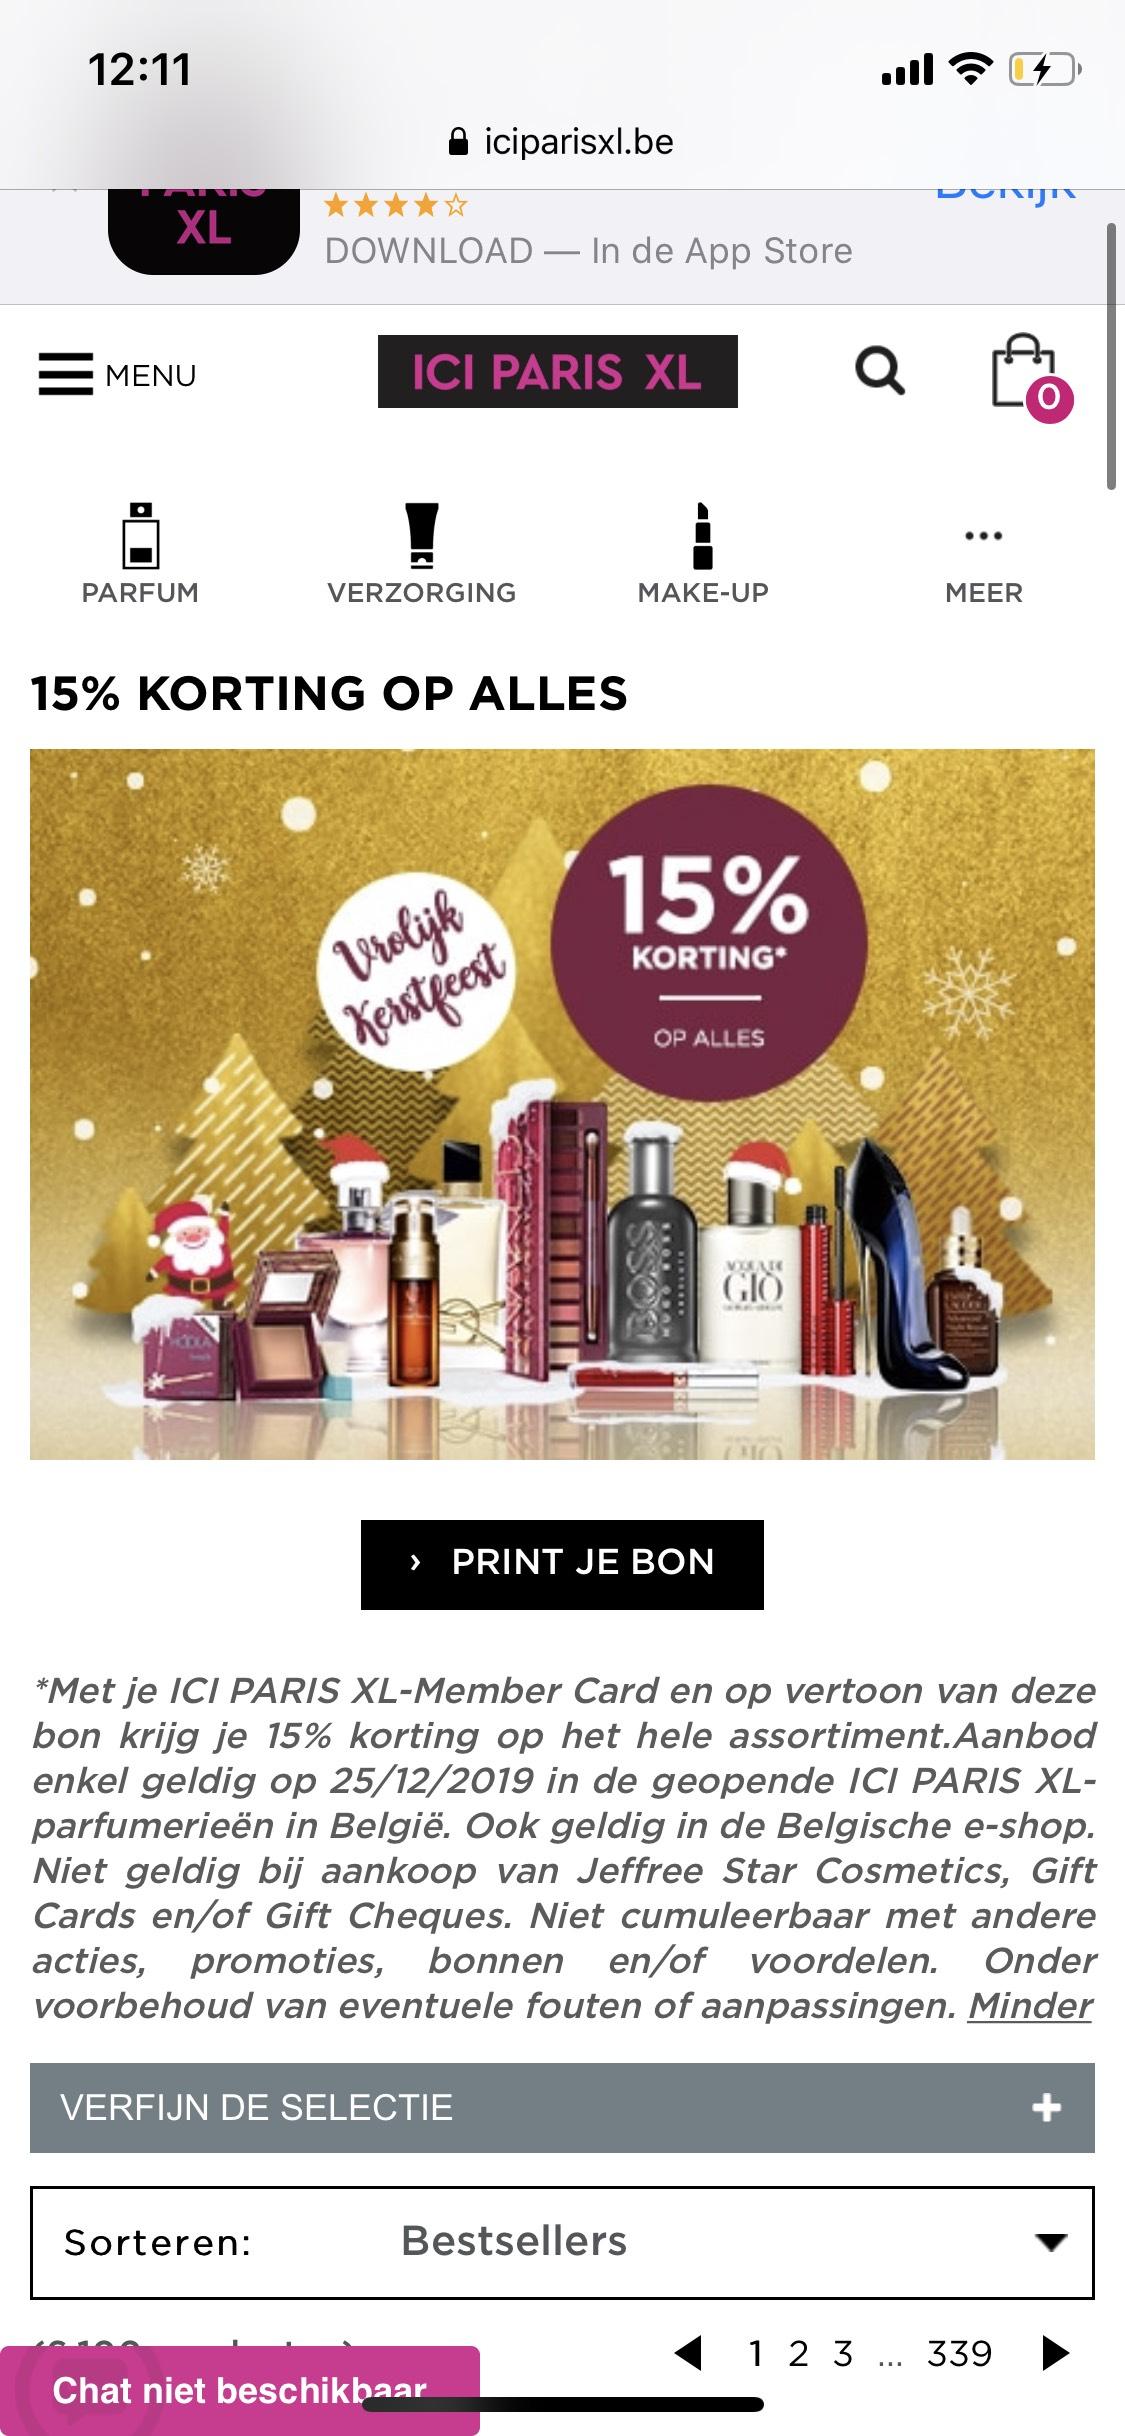 15% korting bij Belgische Ici Paris XL op 25/12